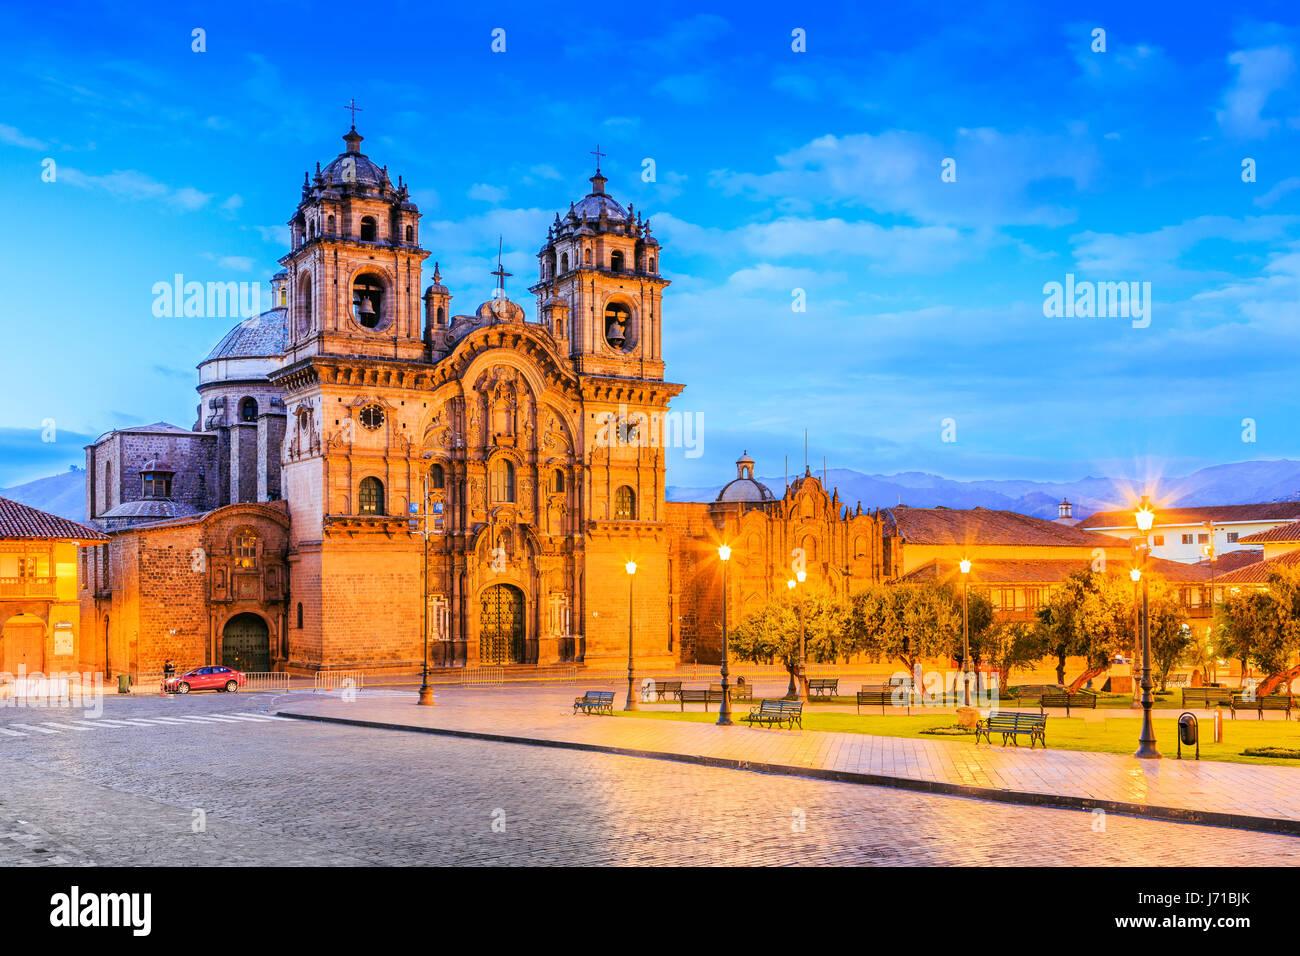 Cusco, Pérou la capitale historique de l'Empire Inca. Plaza de Armas, au crépuscule. Photo Stock